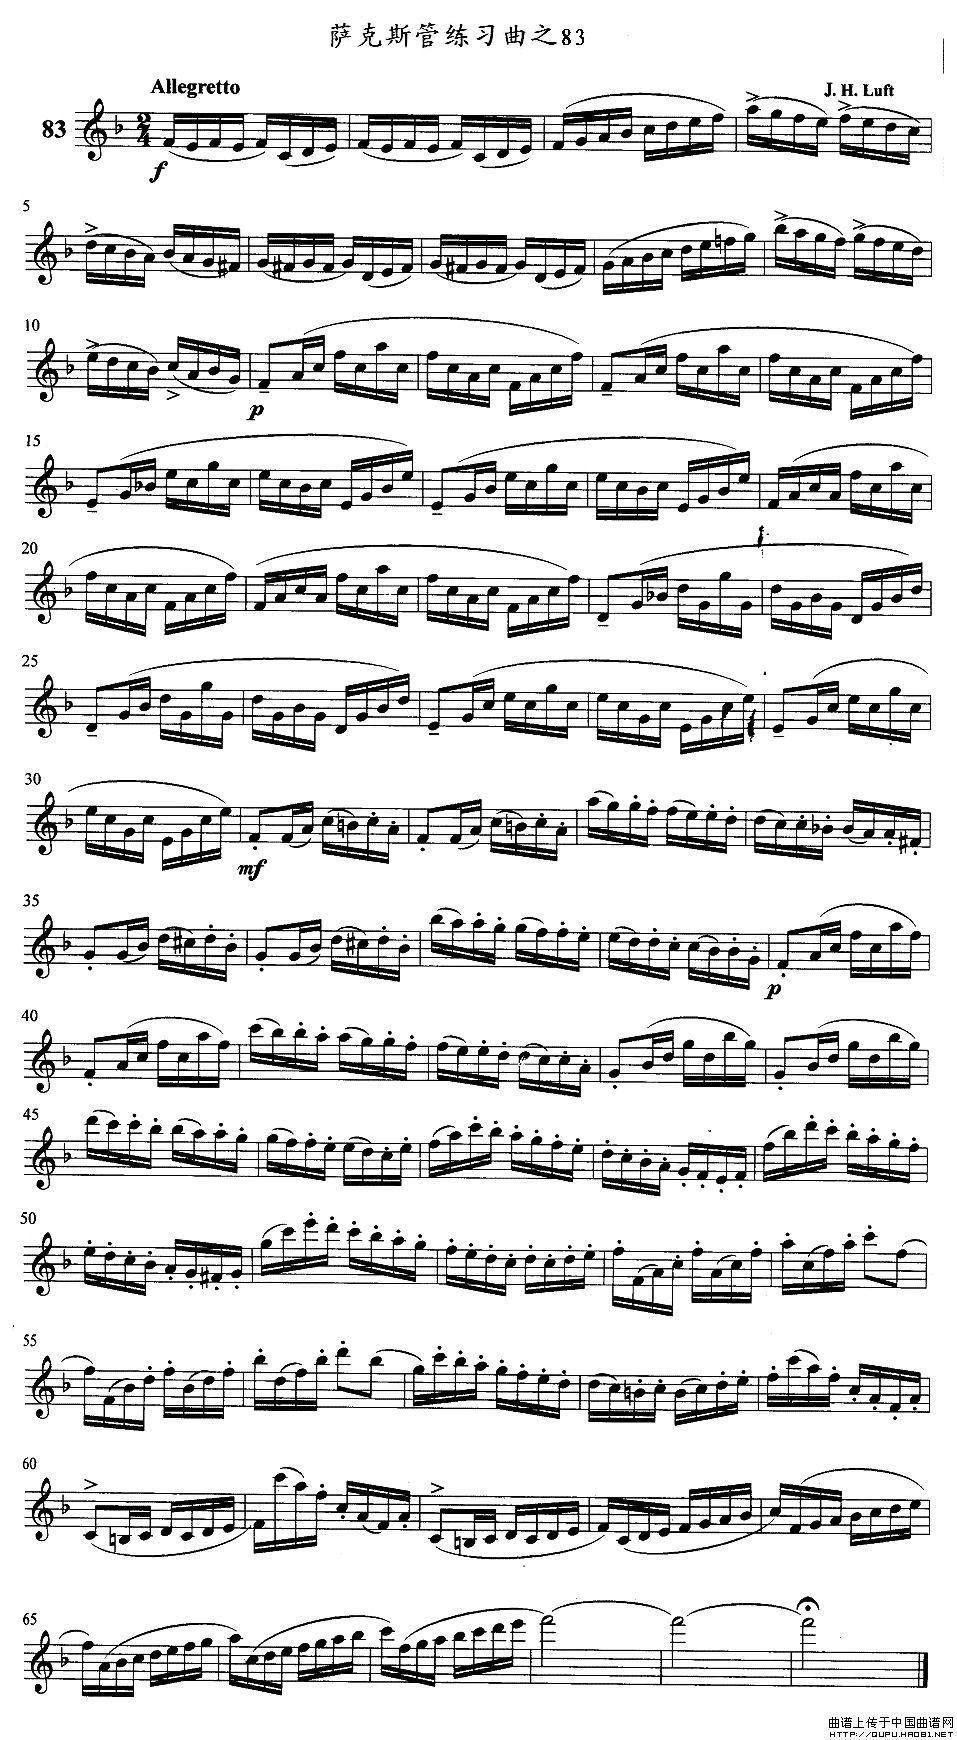 萨克斯练习曲之83简谱